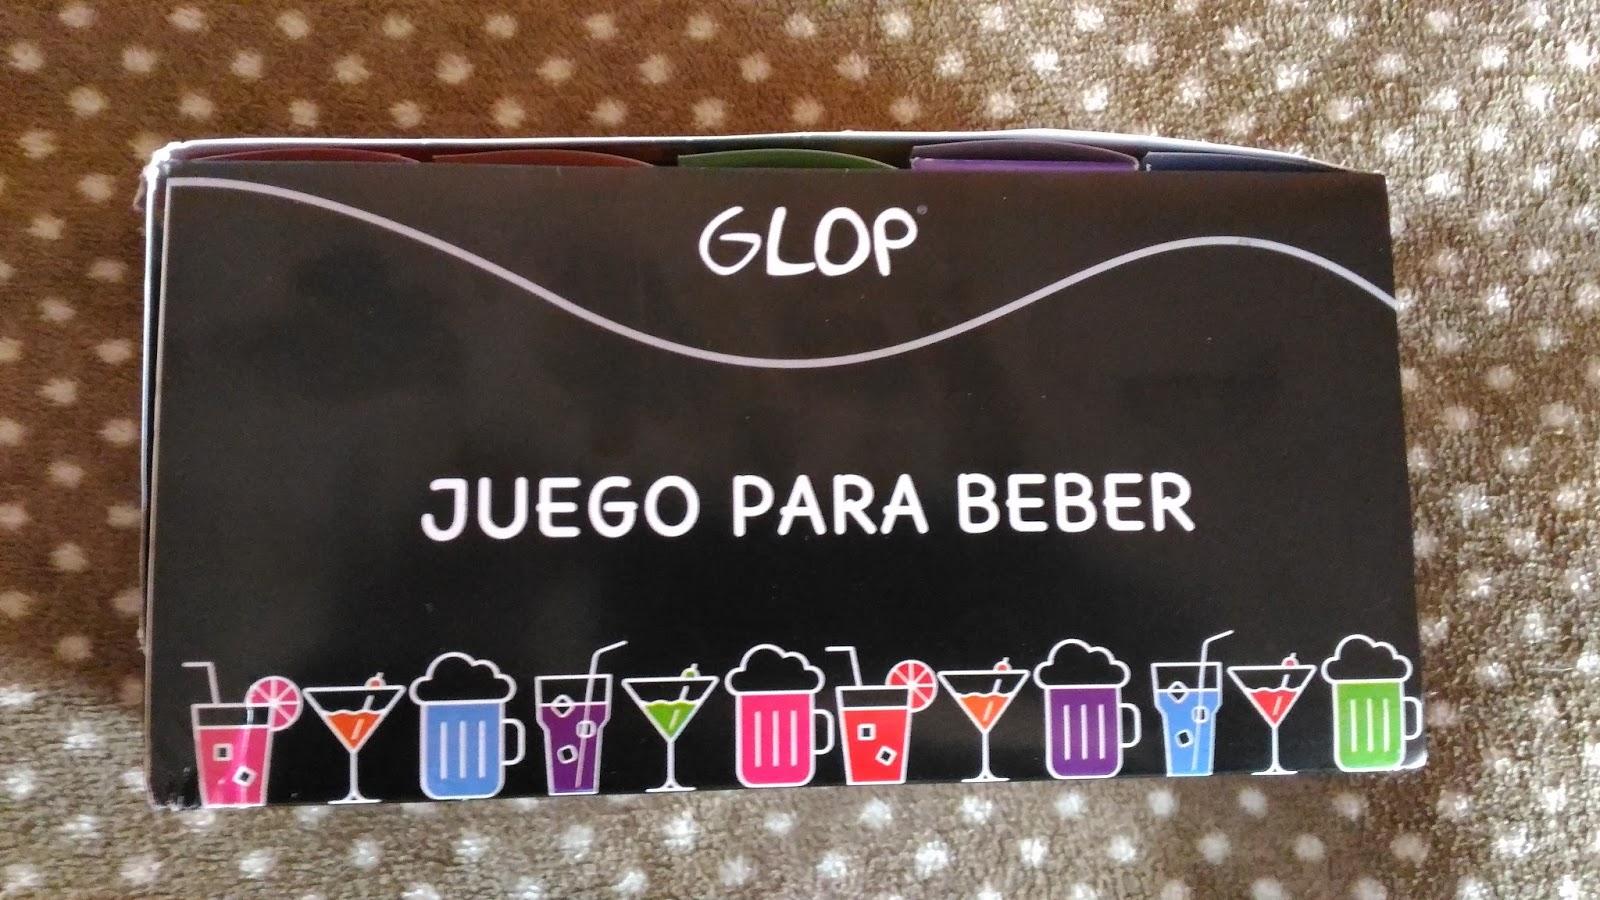 a9e5fb634 Glop Drinking Games, tiene varias barajas de juegos destinados a pasarlo  bien bebiendo. Y, cada uno que se haga responsable de lo que bebe.